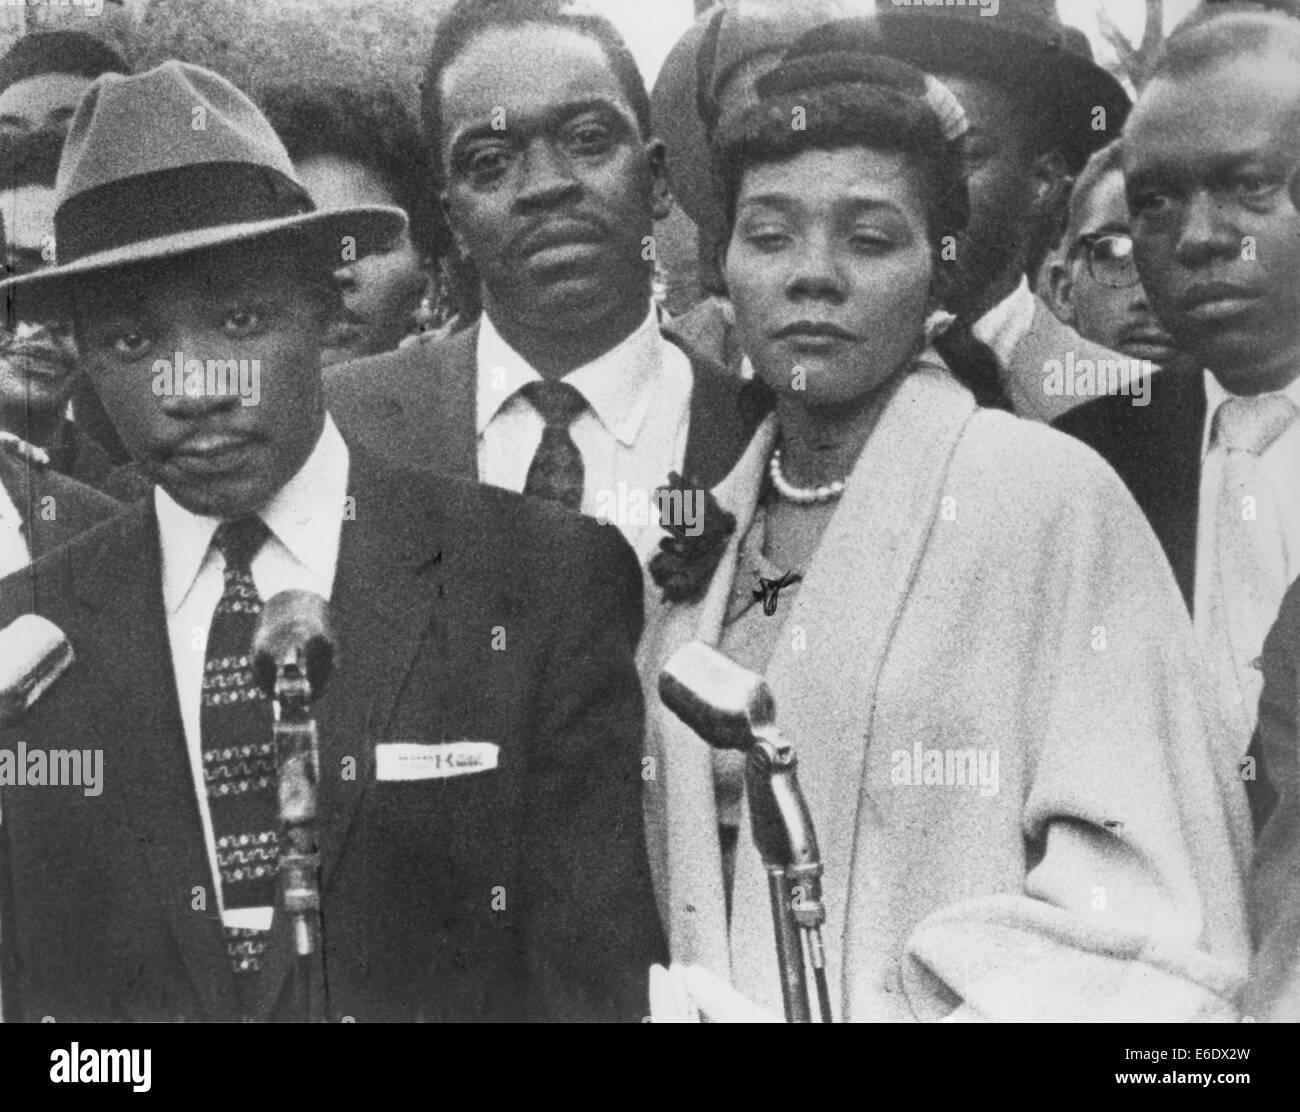 Martin Luther King, Jr. avec femme, Coretta, Boycott, Bus au cours de Montgomery, Alabama, USA, Mars 1956 Banque D'Images